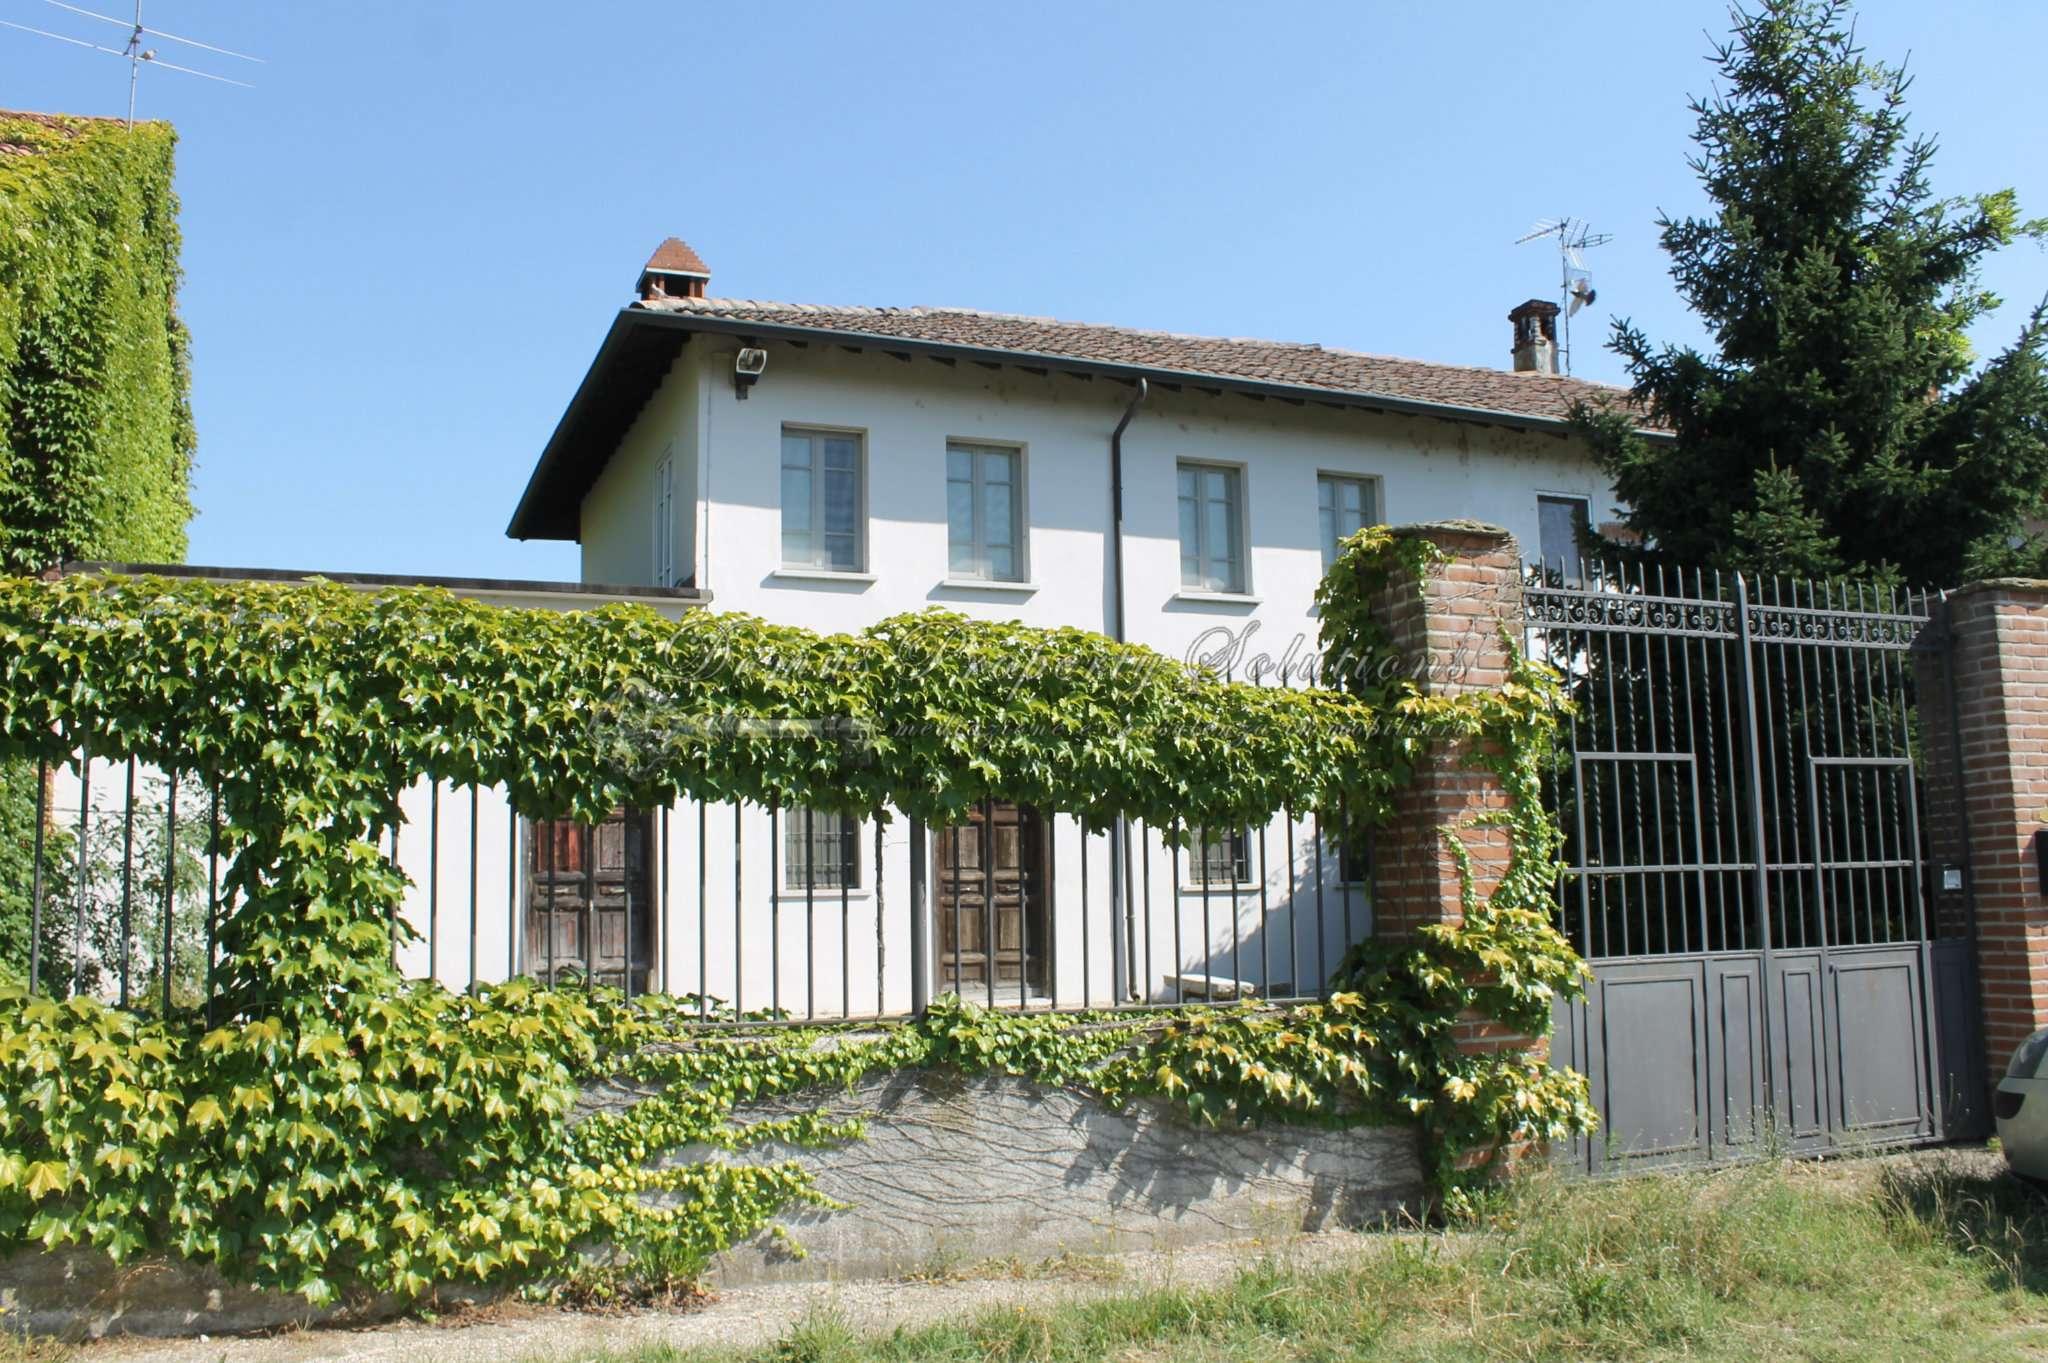 Rustico / Casale in vendita a Dorno, 6 locali, prezzo € 170.000 | CambioCasa.it